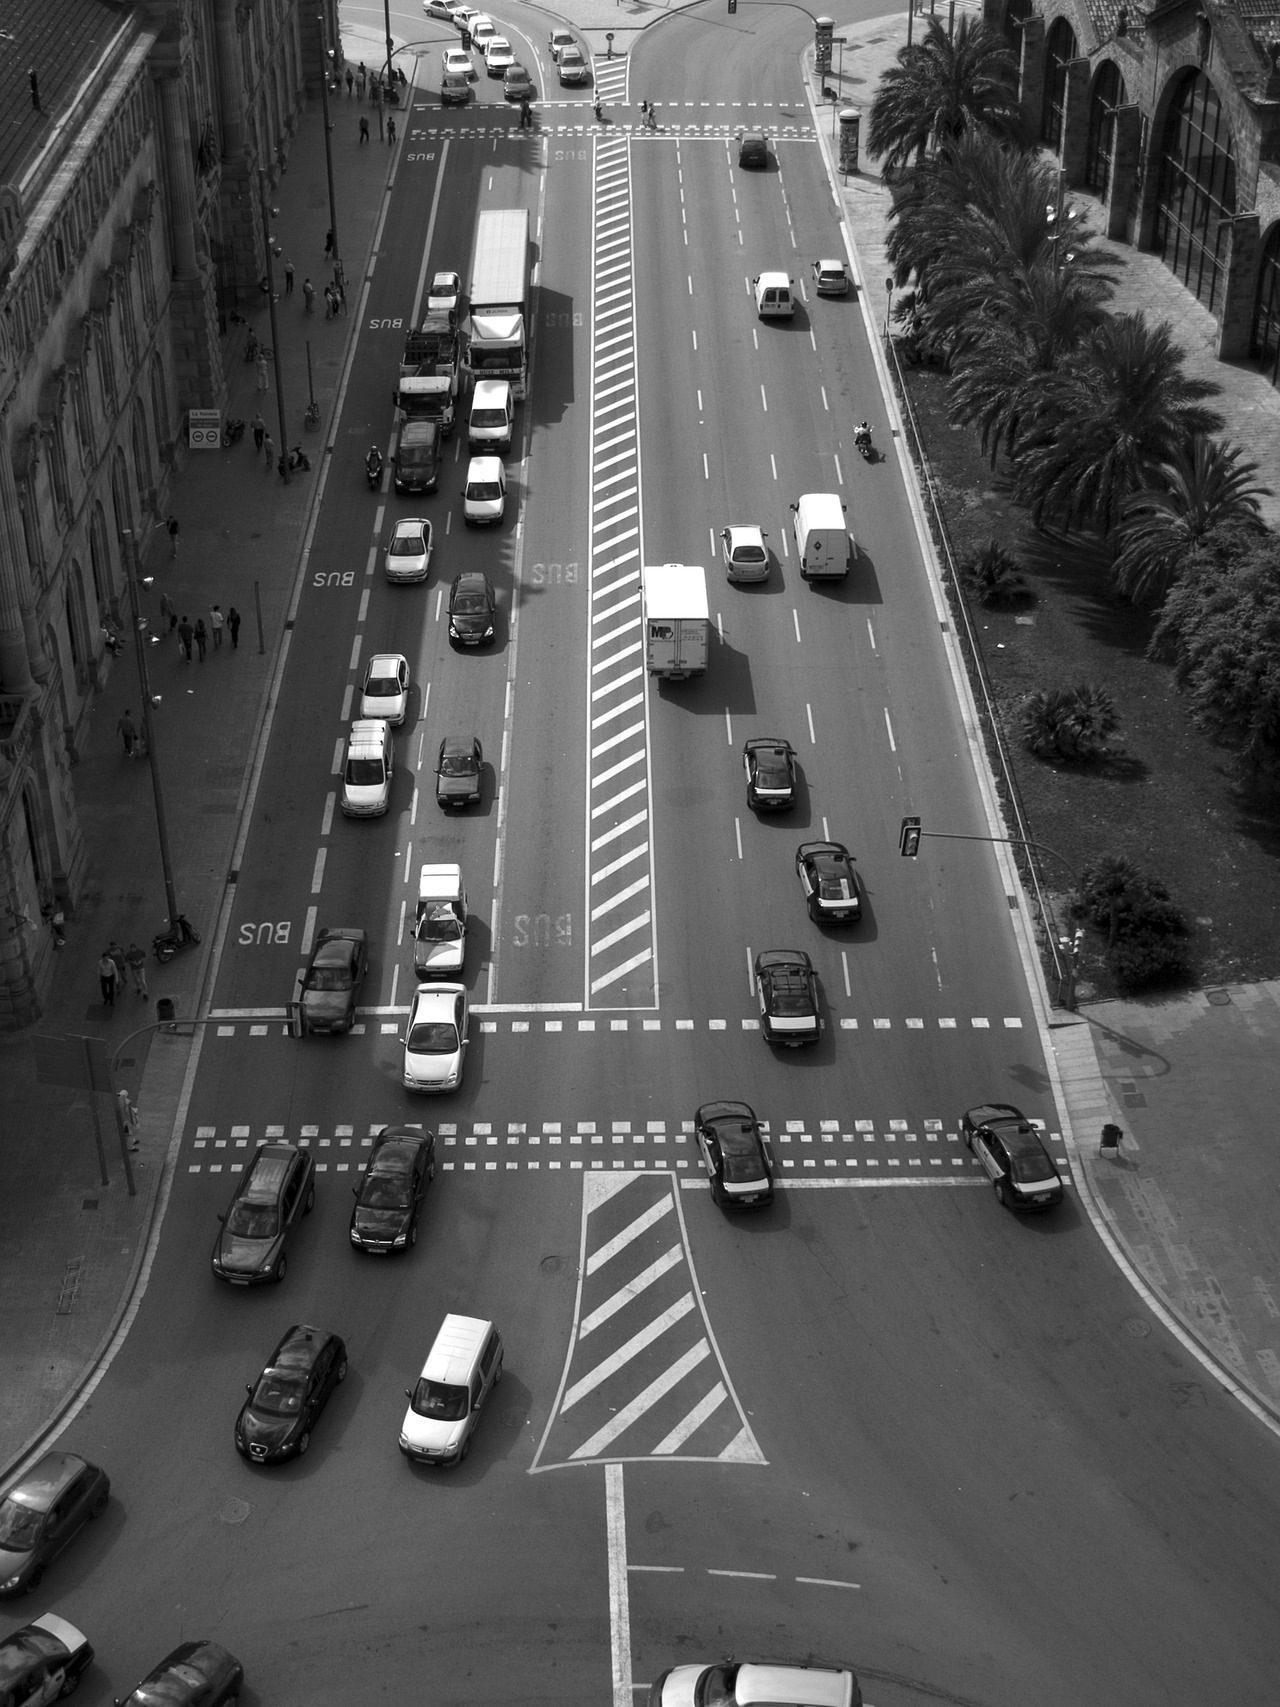 tráfico, ciudad, coches, barcelona, en blanco y negro - Fondos de Pantalla HD - professor-falken.com